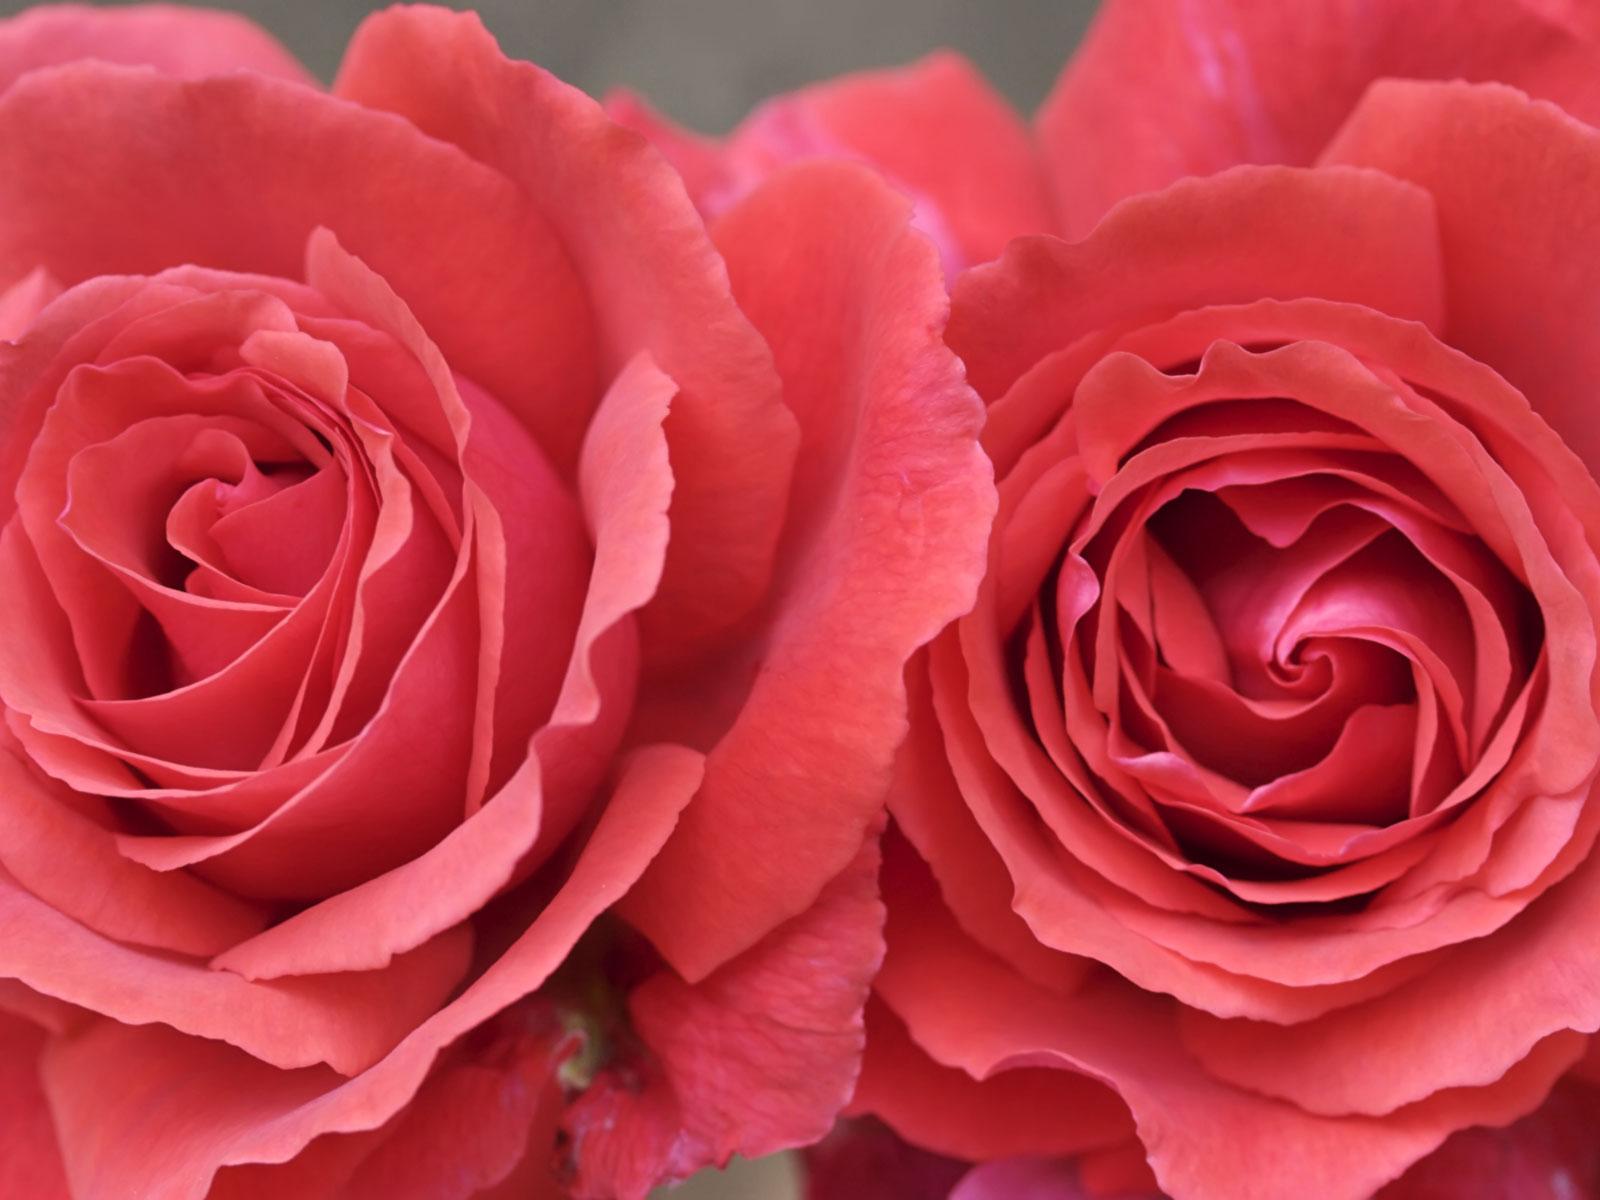 Top Desktop Roses Wallpapers Hd Rose Wallpaper 25 Zoom - Best Rose Wall Paper , HD Wallpaper & Backgrounds